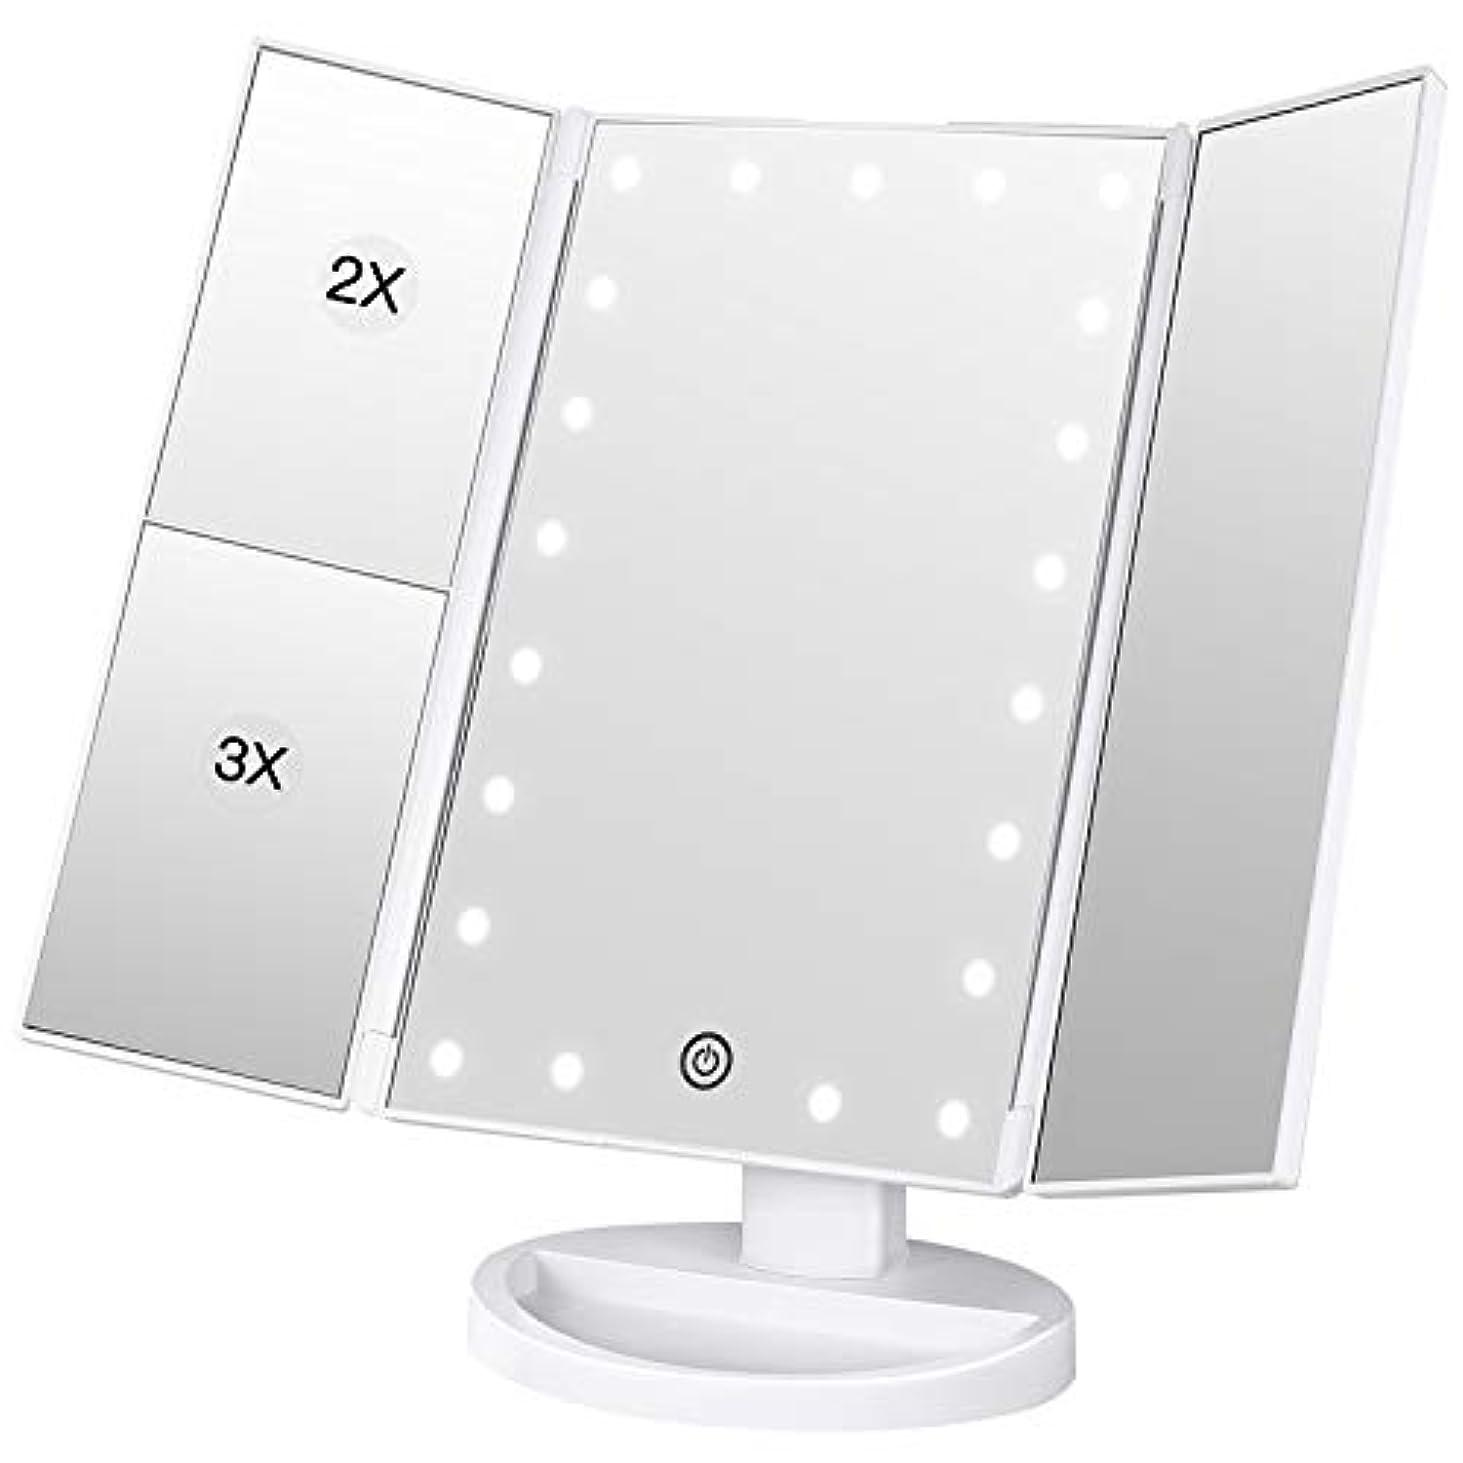 輪郭気がついて曖昧なBESTOPE 化粧鏡 化粧ミラー 鏡 三面鏡 女優ミラー 卓上 led付き 折りたたみ 拡大鏡 2&3倍 明るさ調節可能 180°回転 電池&USB 2WAY給電